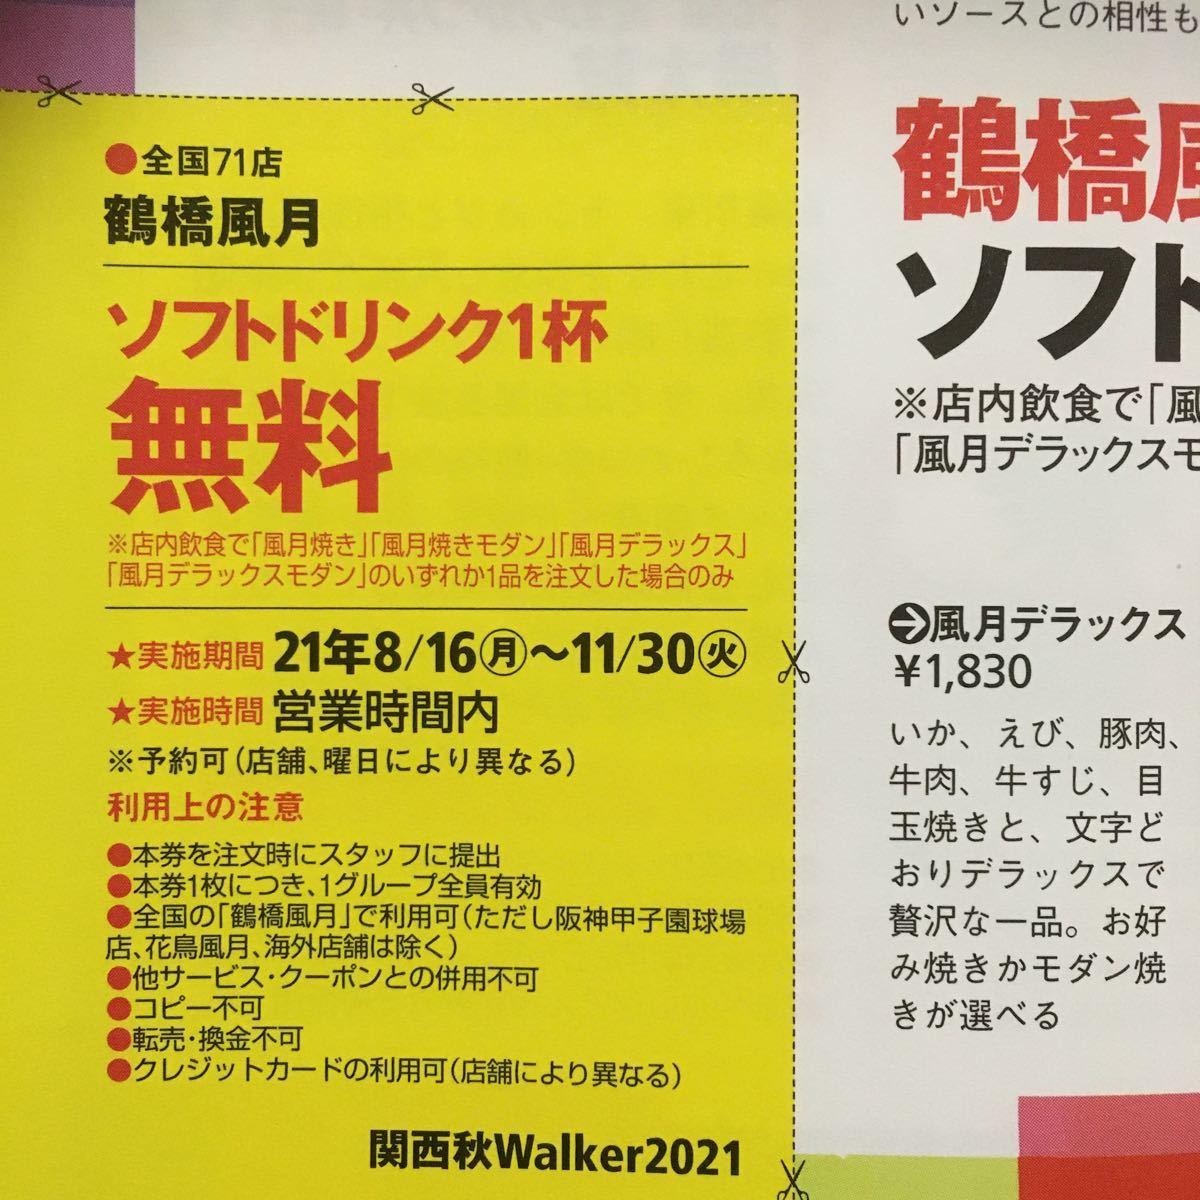 鶴橋風月 クーポン券 割引券 ソフトドリンク無料券 11/30まで_画像1